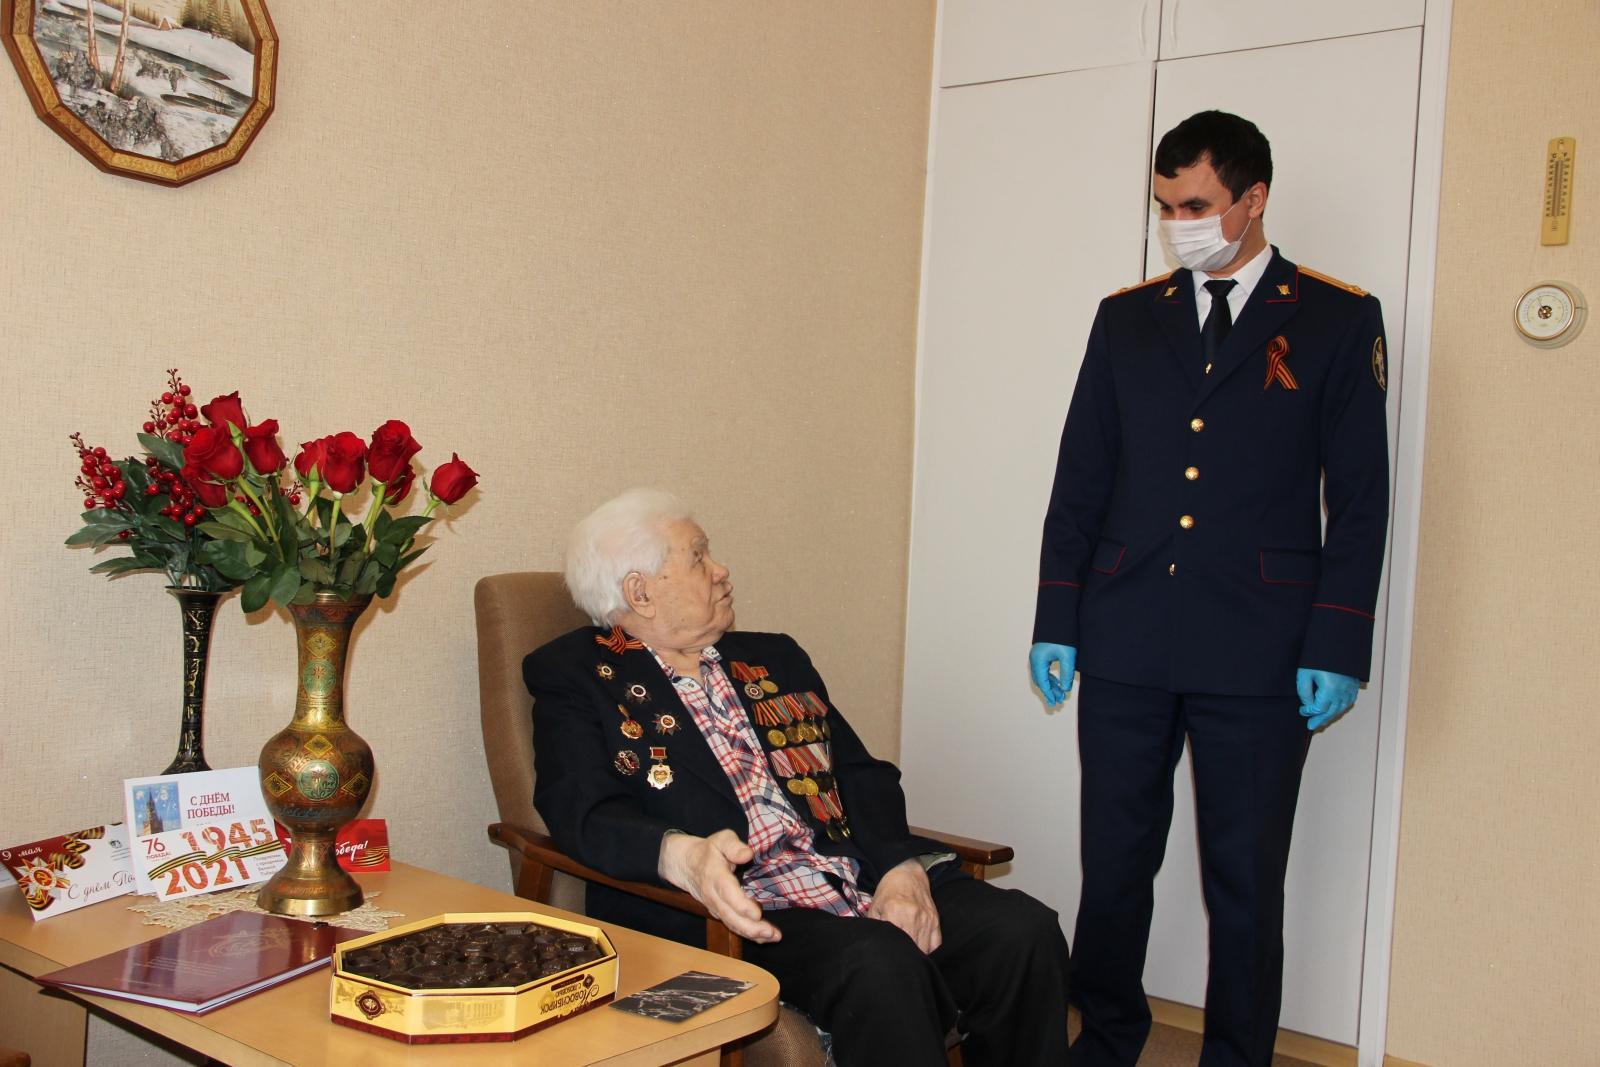 фото Сотрудники следственного управления Новосибирска поздравили ветерана Великой Отечественной войны с Днём Победы 2